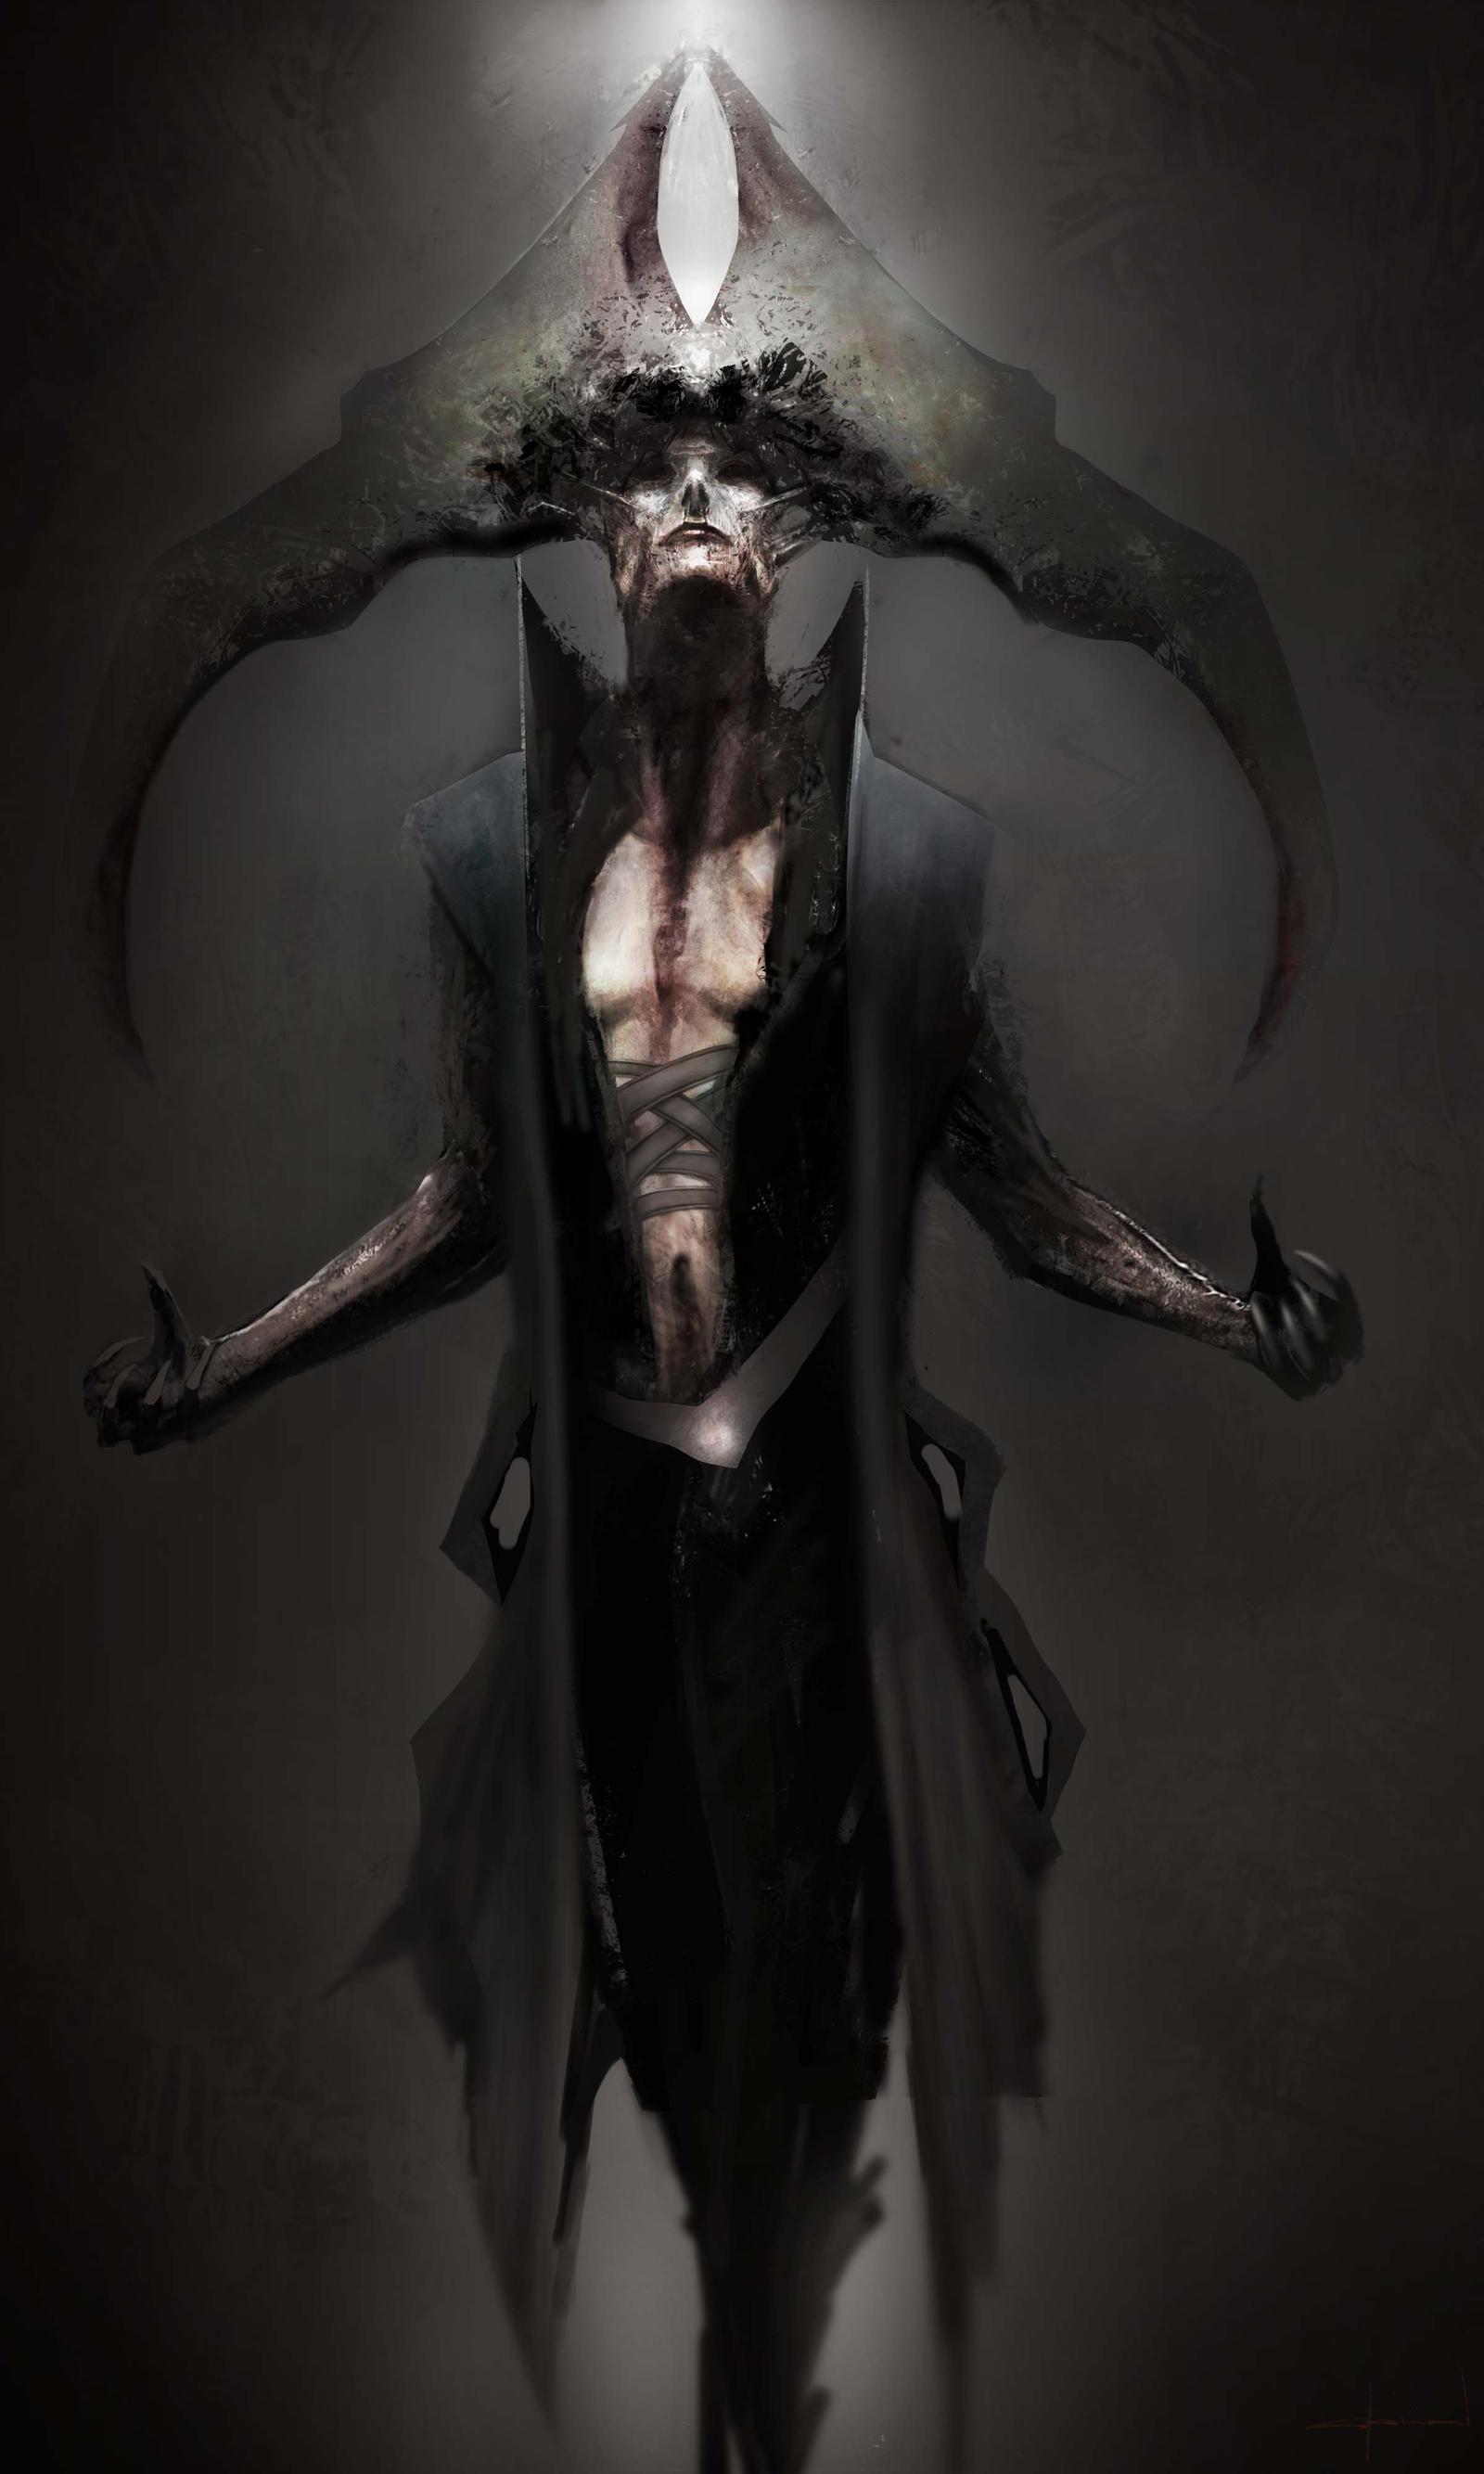 Demon dude by Darkcloud013